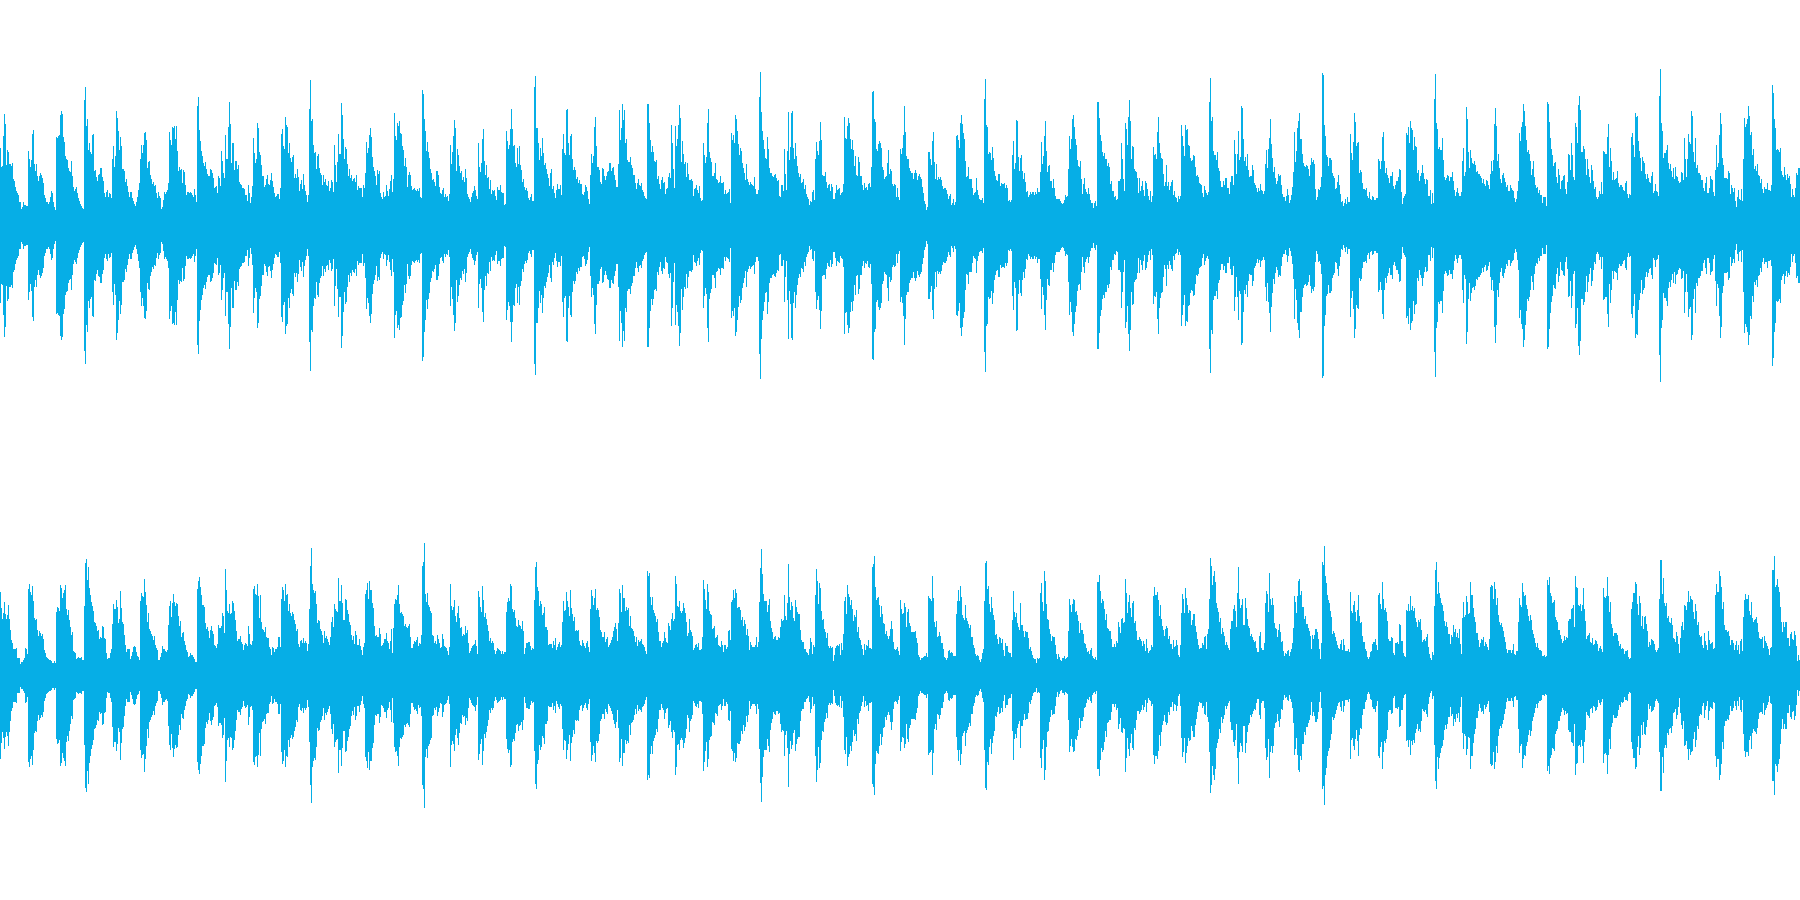 映像、ゲーム向き自然系ピアノ癒し幻想曲の再生済みの波形